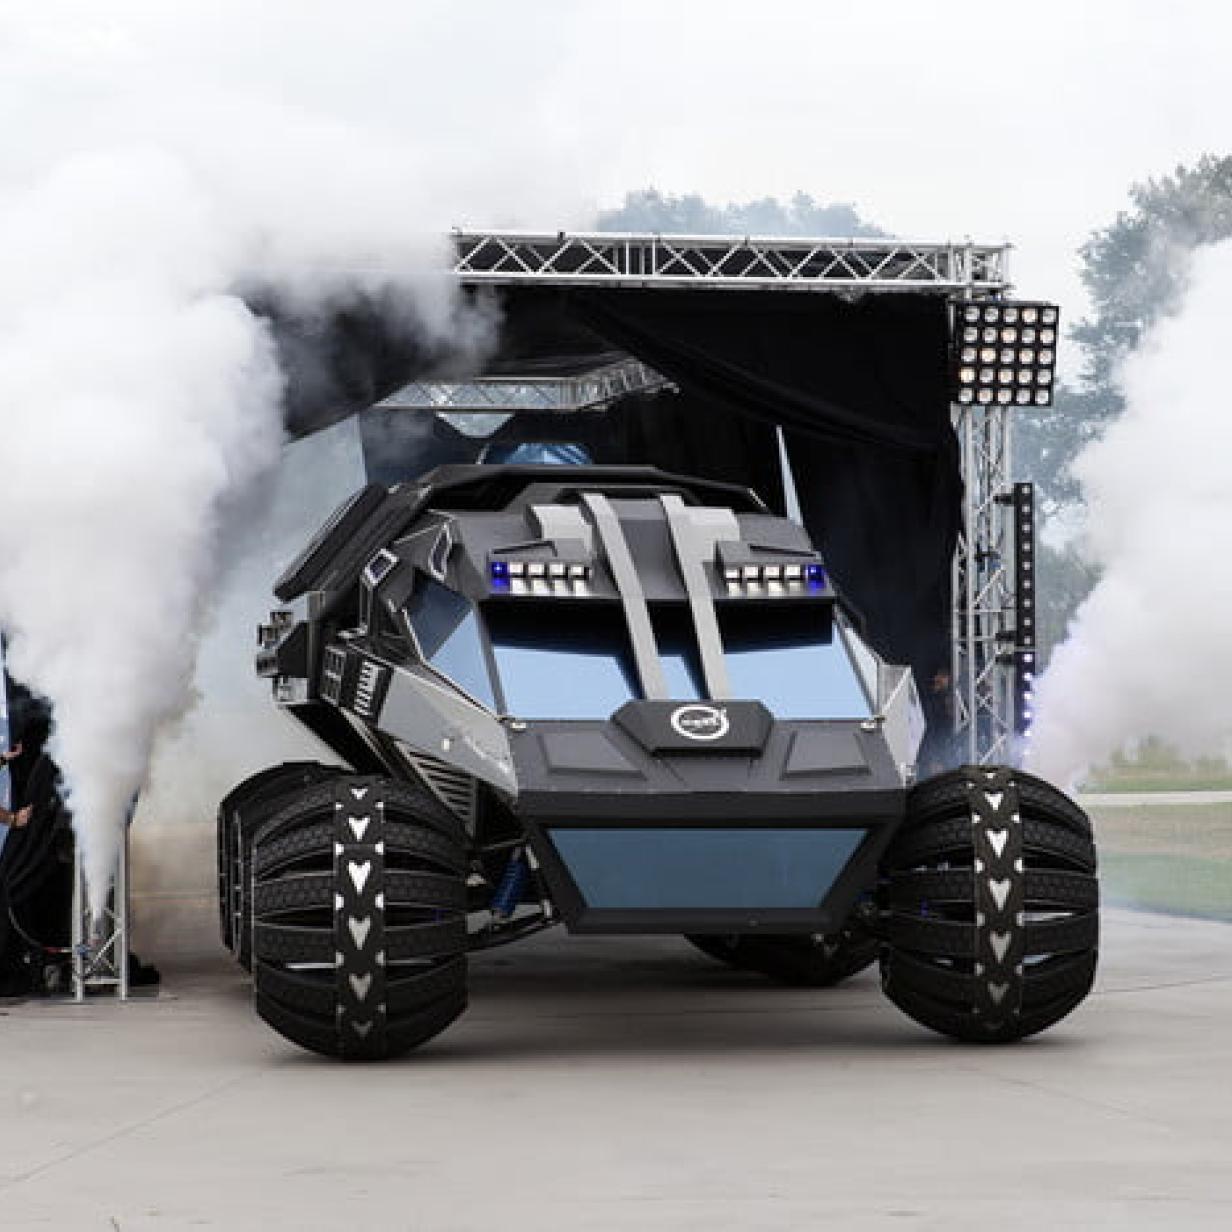 Dieser NASA Mars Rover könnte Inspiration für Teslas Pick-up sein